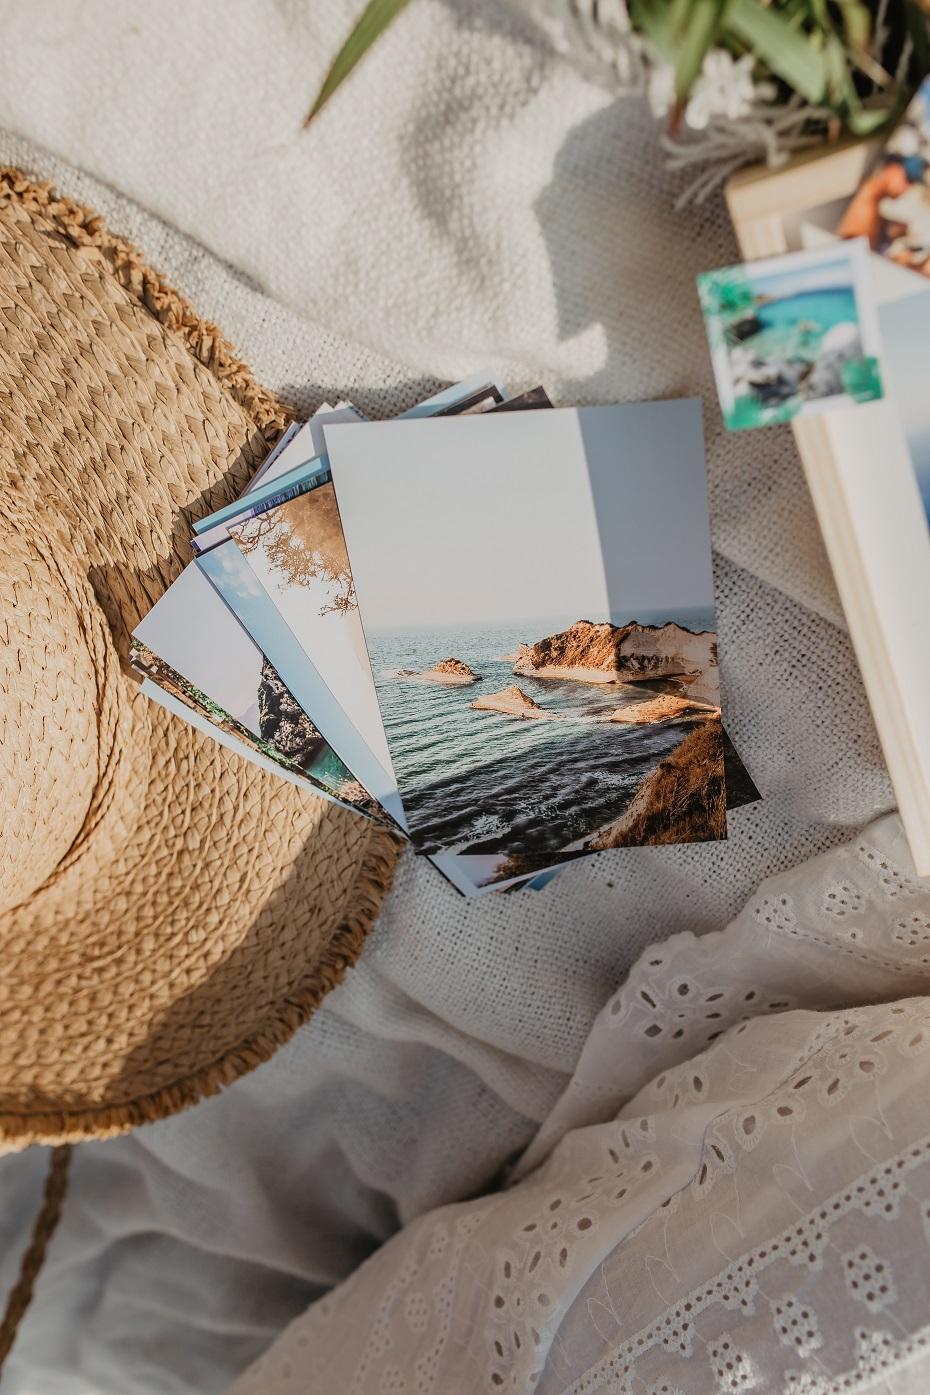 Wspomnienia z wakacji - Empik Foto